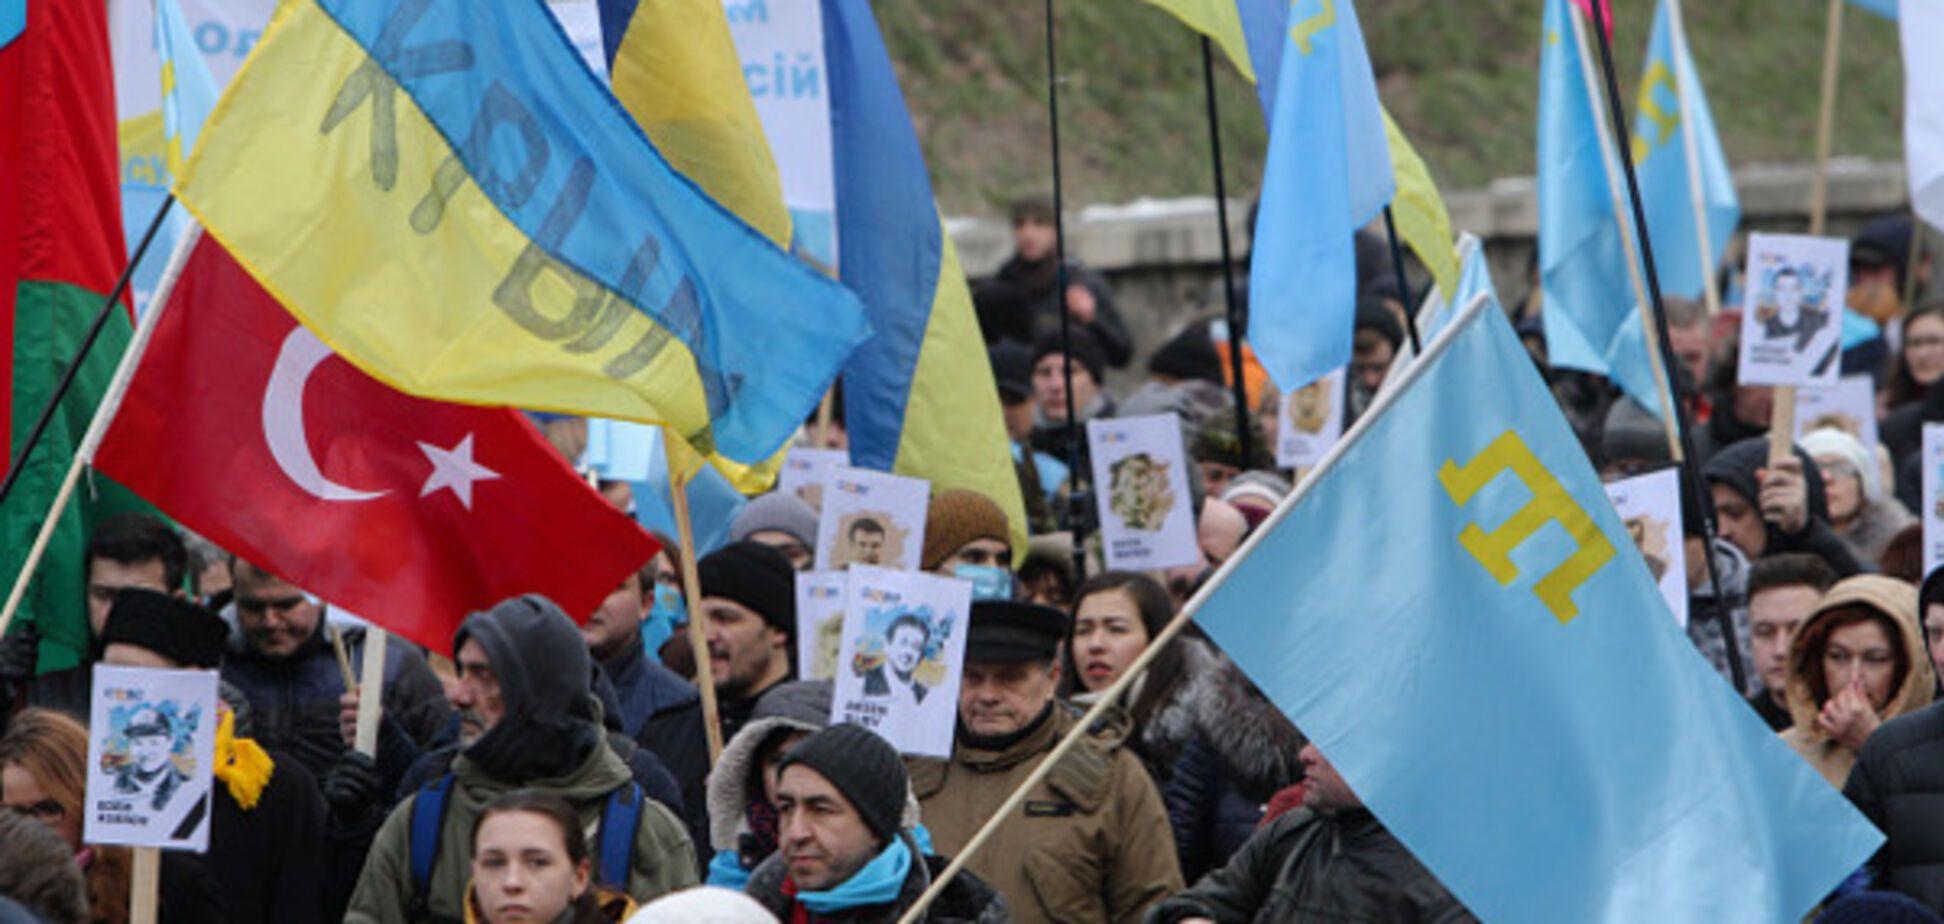 КРИМський бандеровець: Крим - надто важкий камінь на шиї потопельника